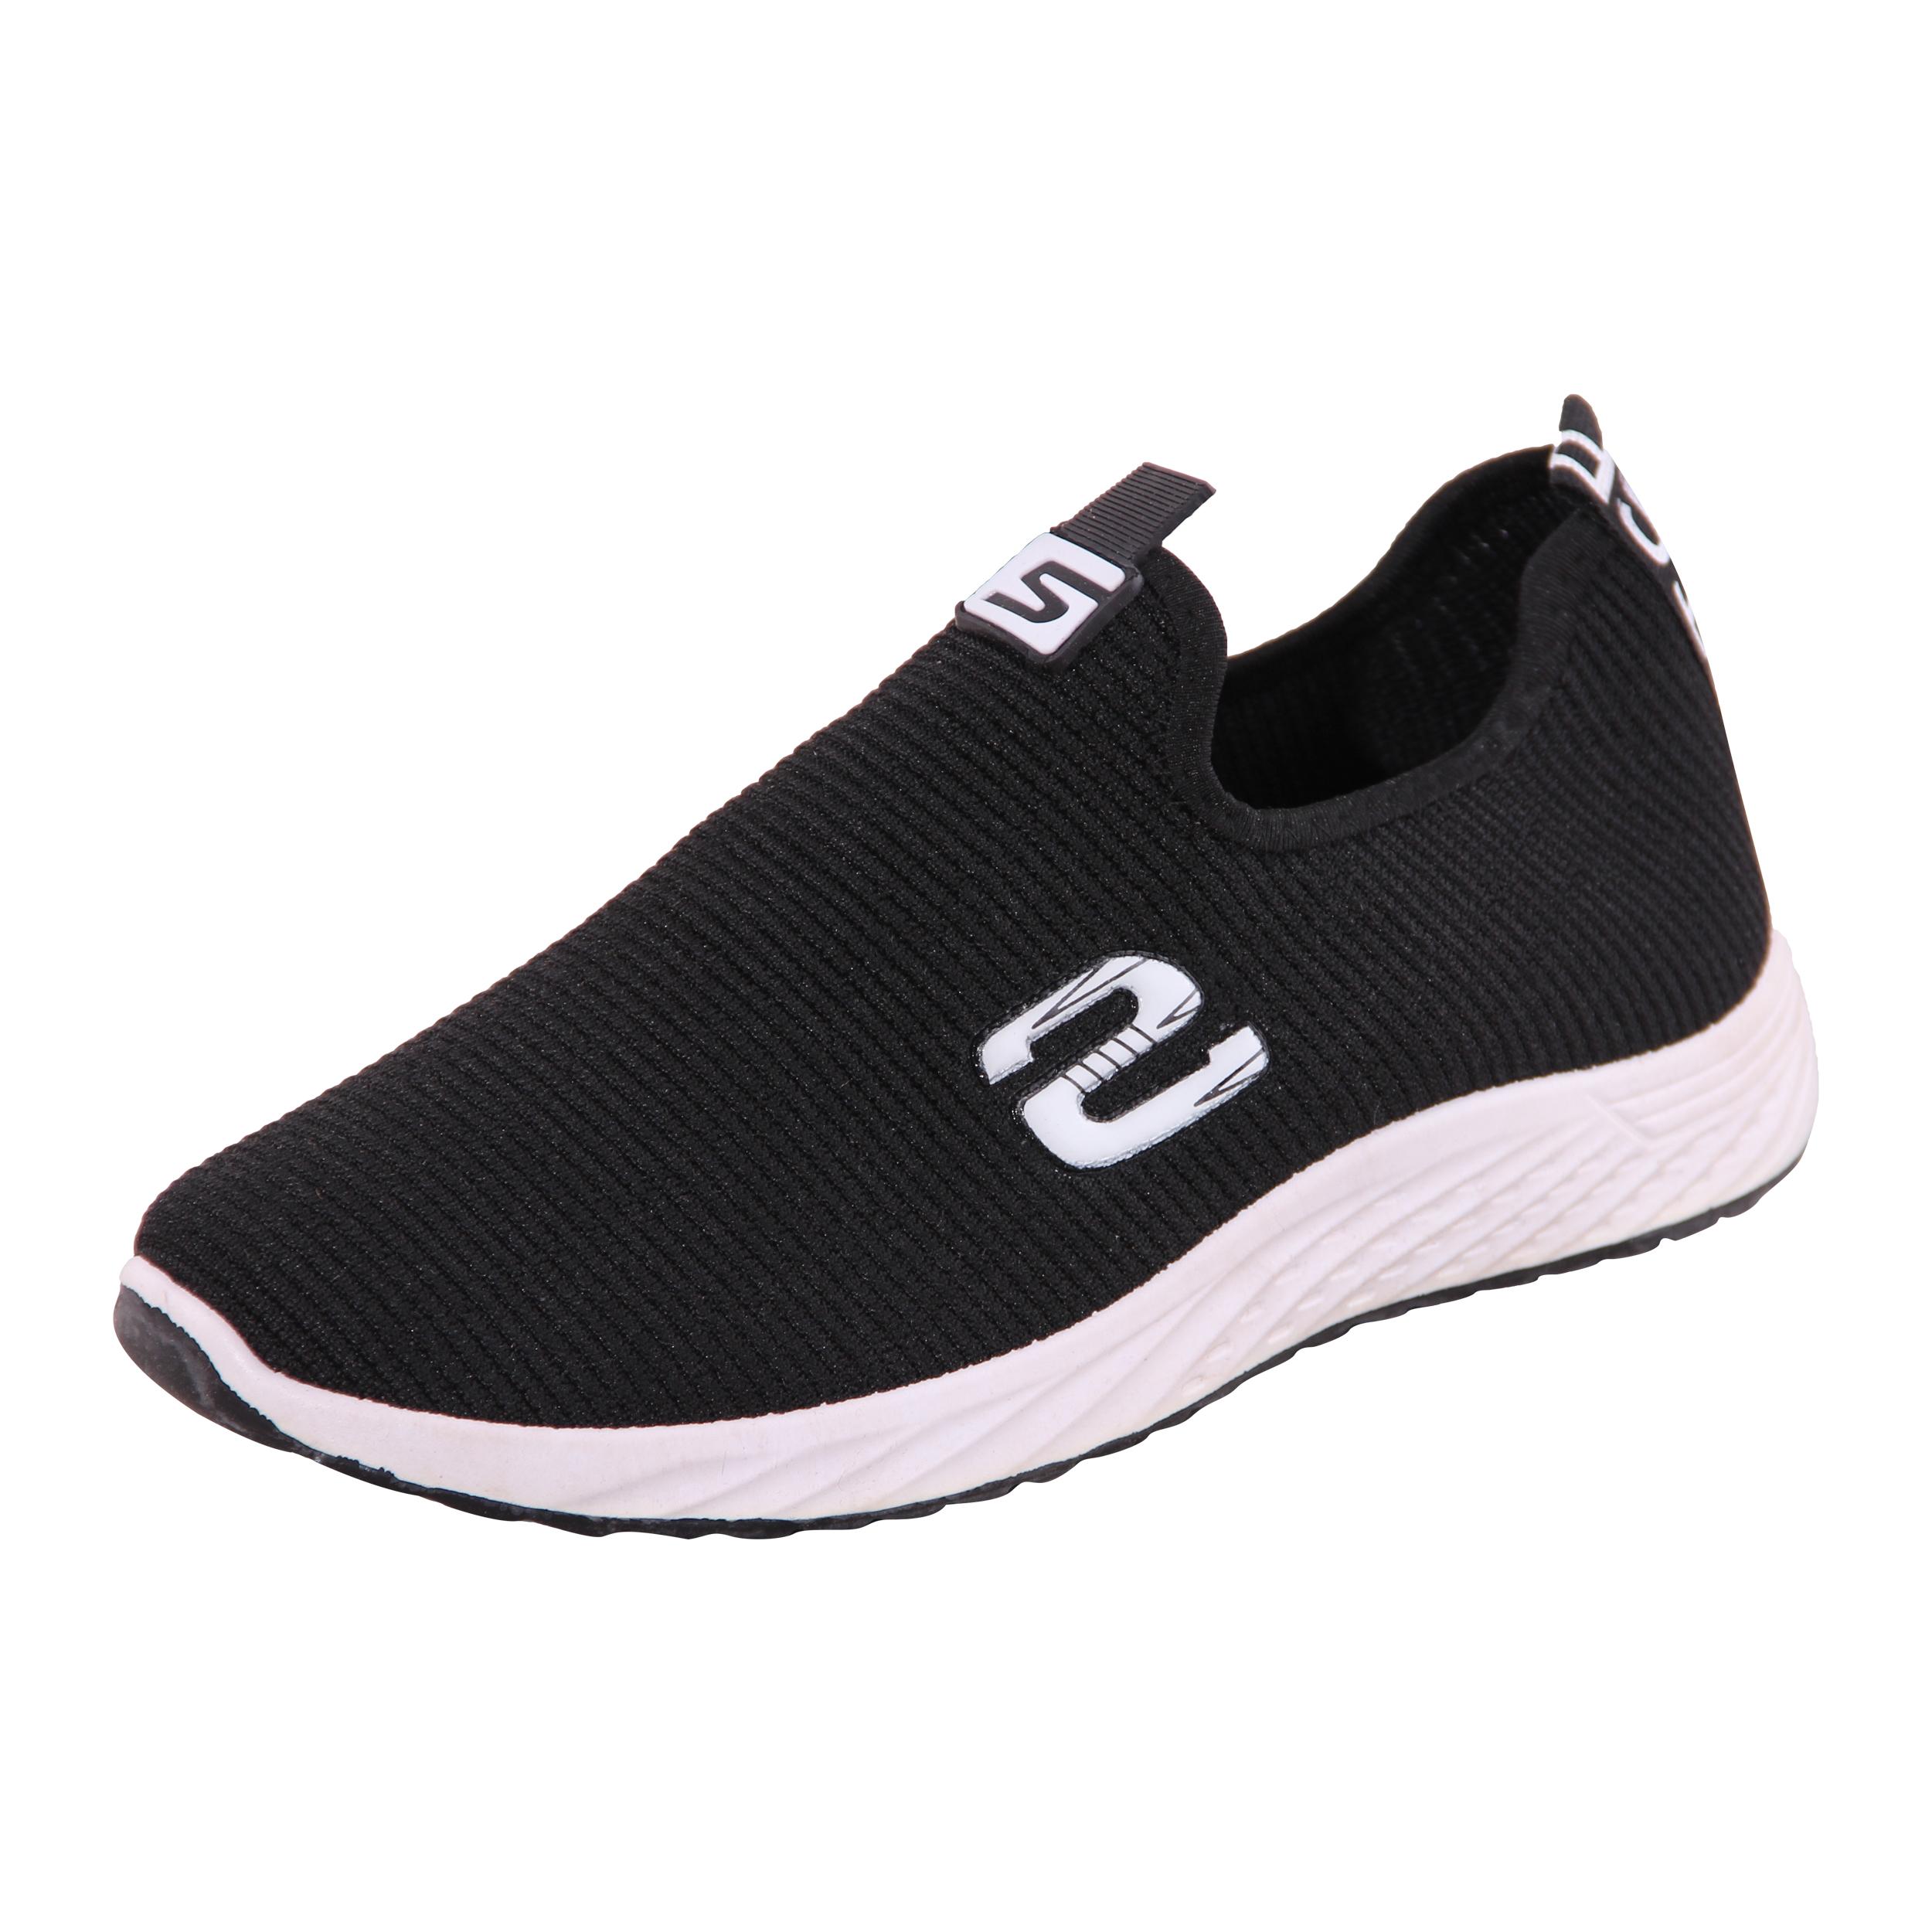 خرید                       کفش  پیاده روی مردانه کد 1-39685